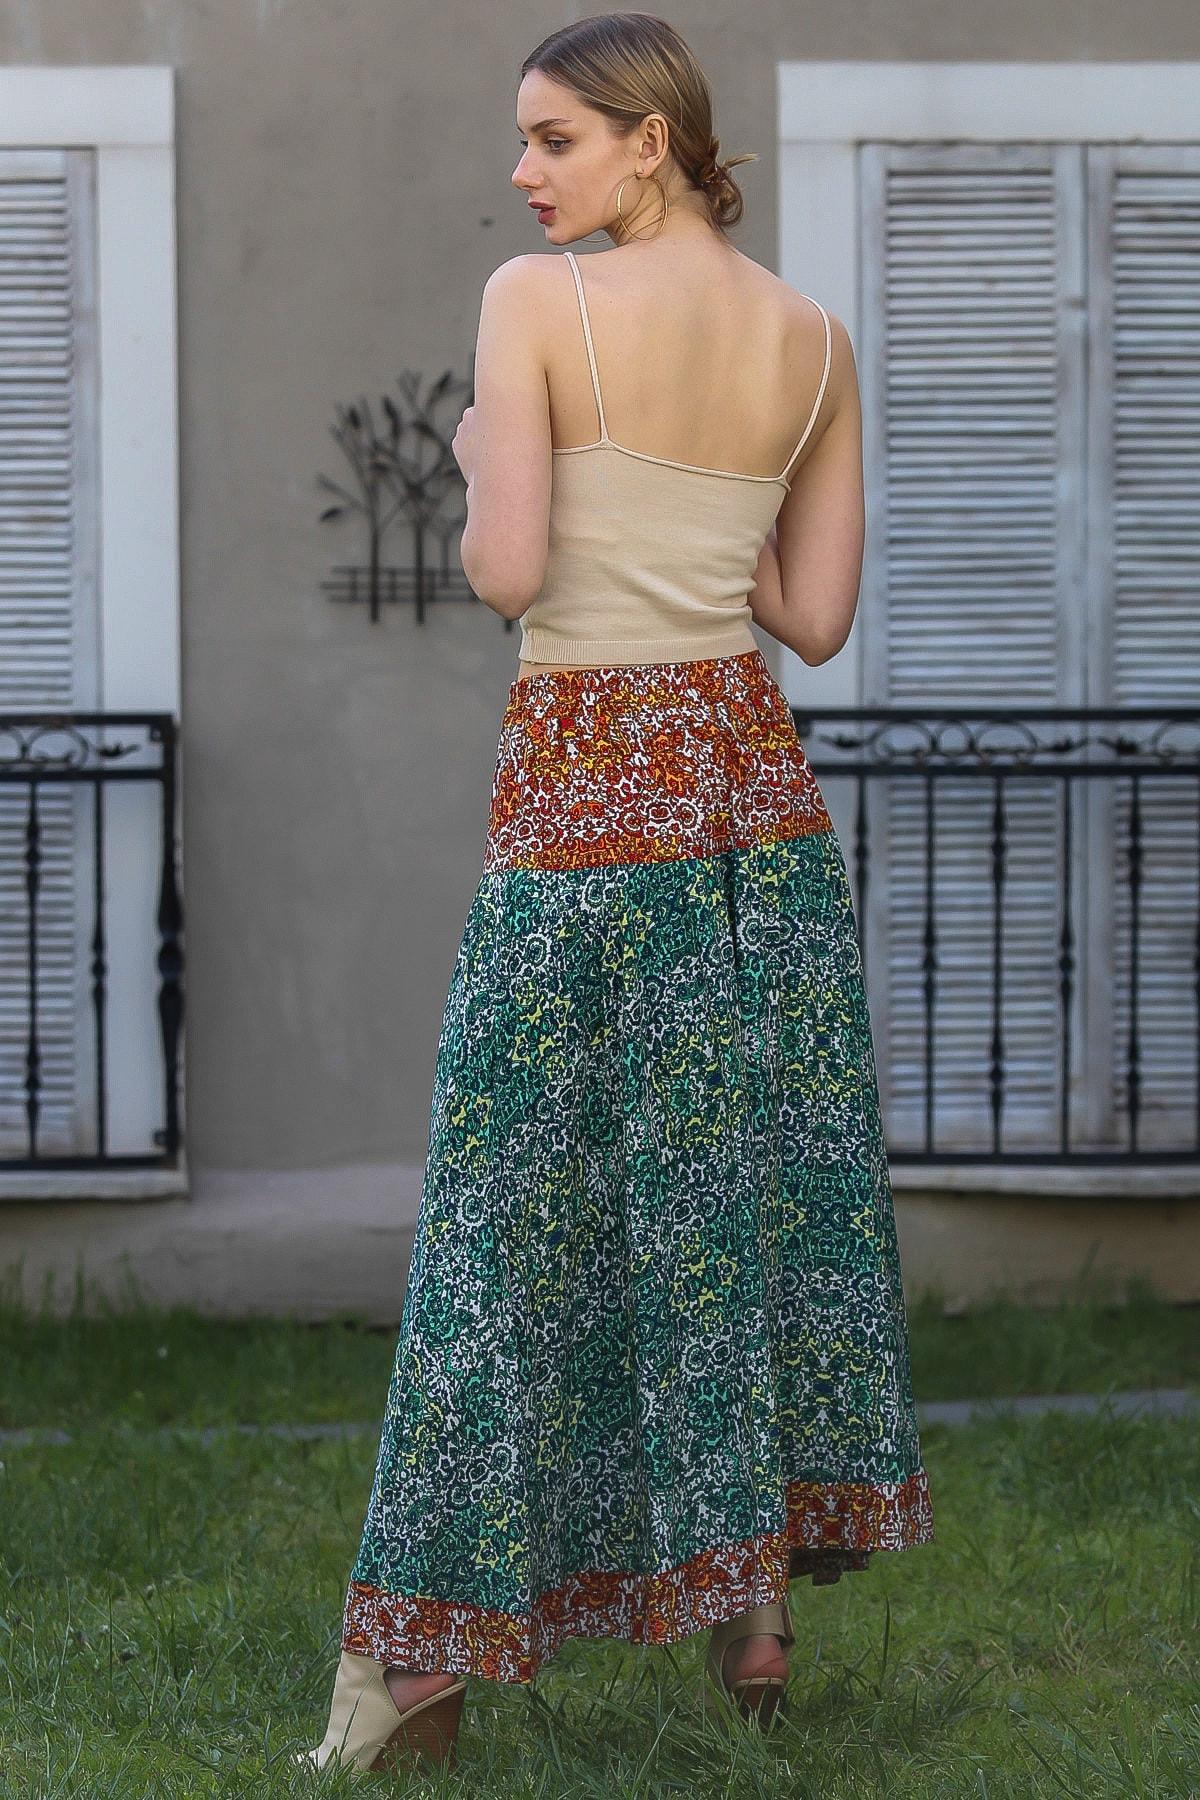 Chiccy Kadın Kiremit-Yeşil Çıtır Çiçek Desenli Kiremit Mavi Yeşil Bloklu Kloş Uzun Etek M10110000ET99252 4